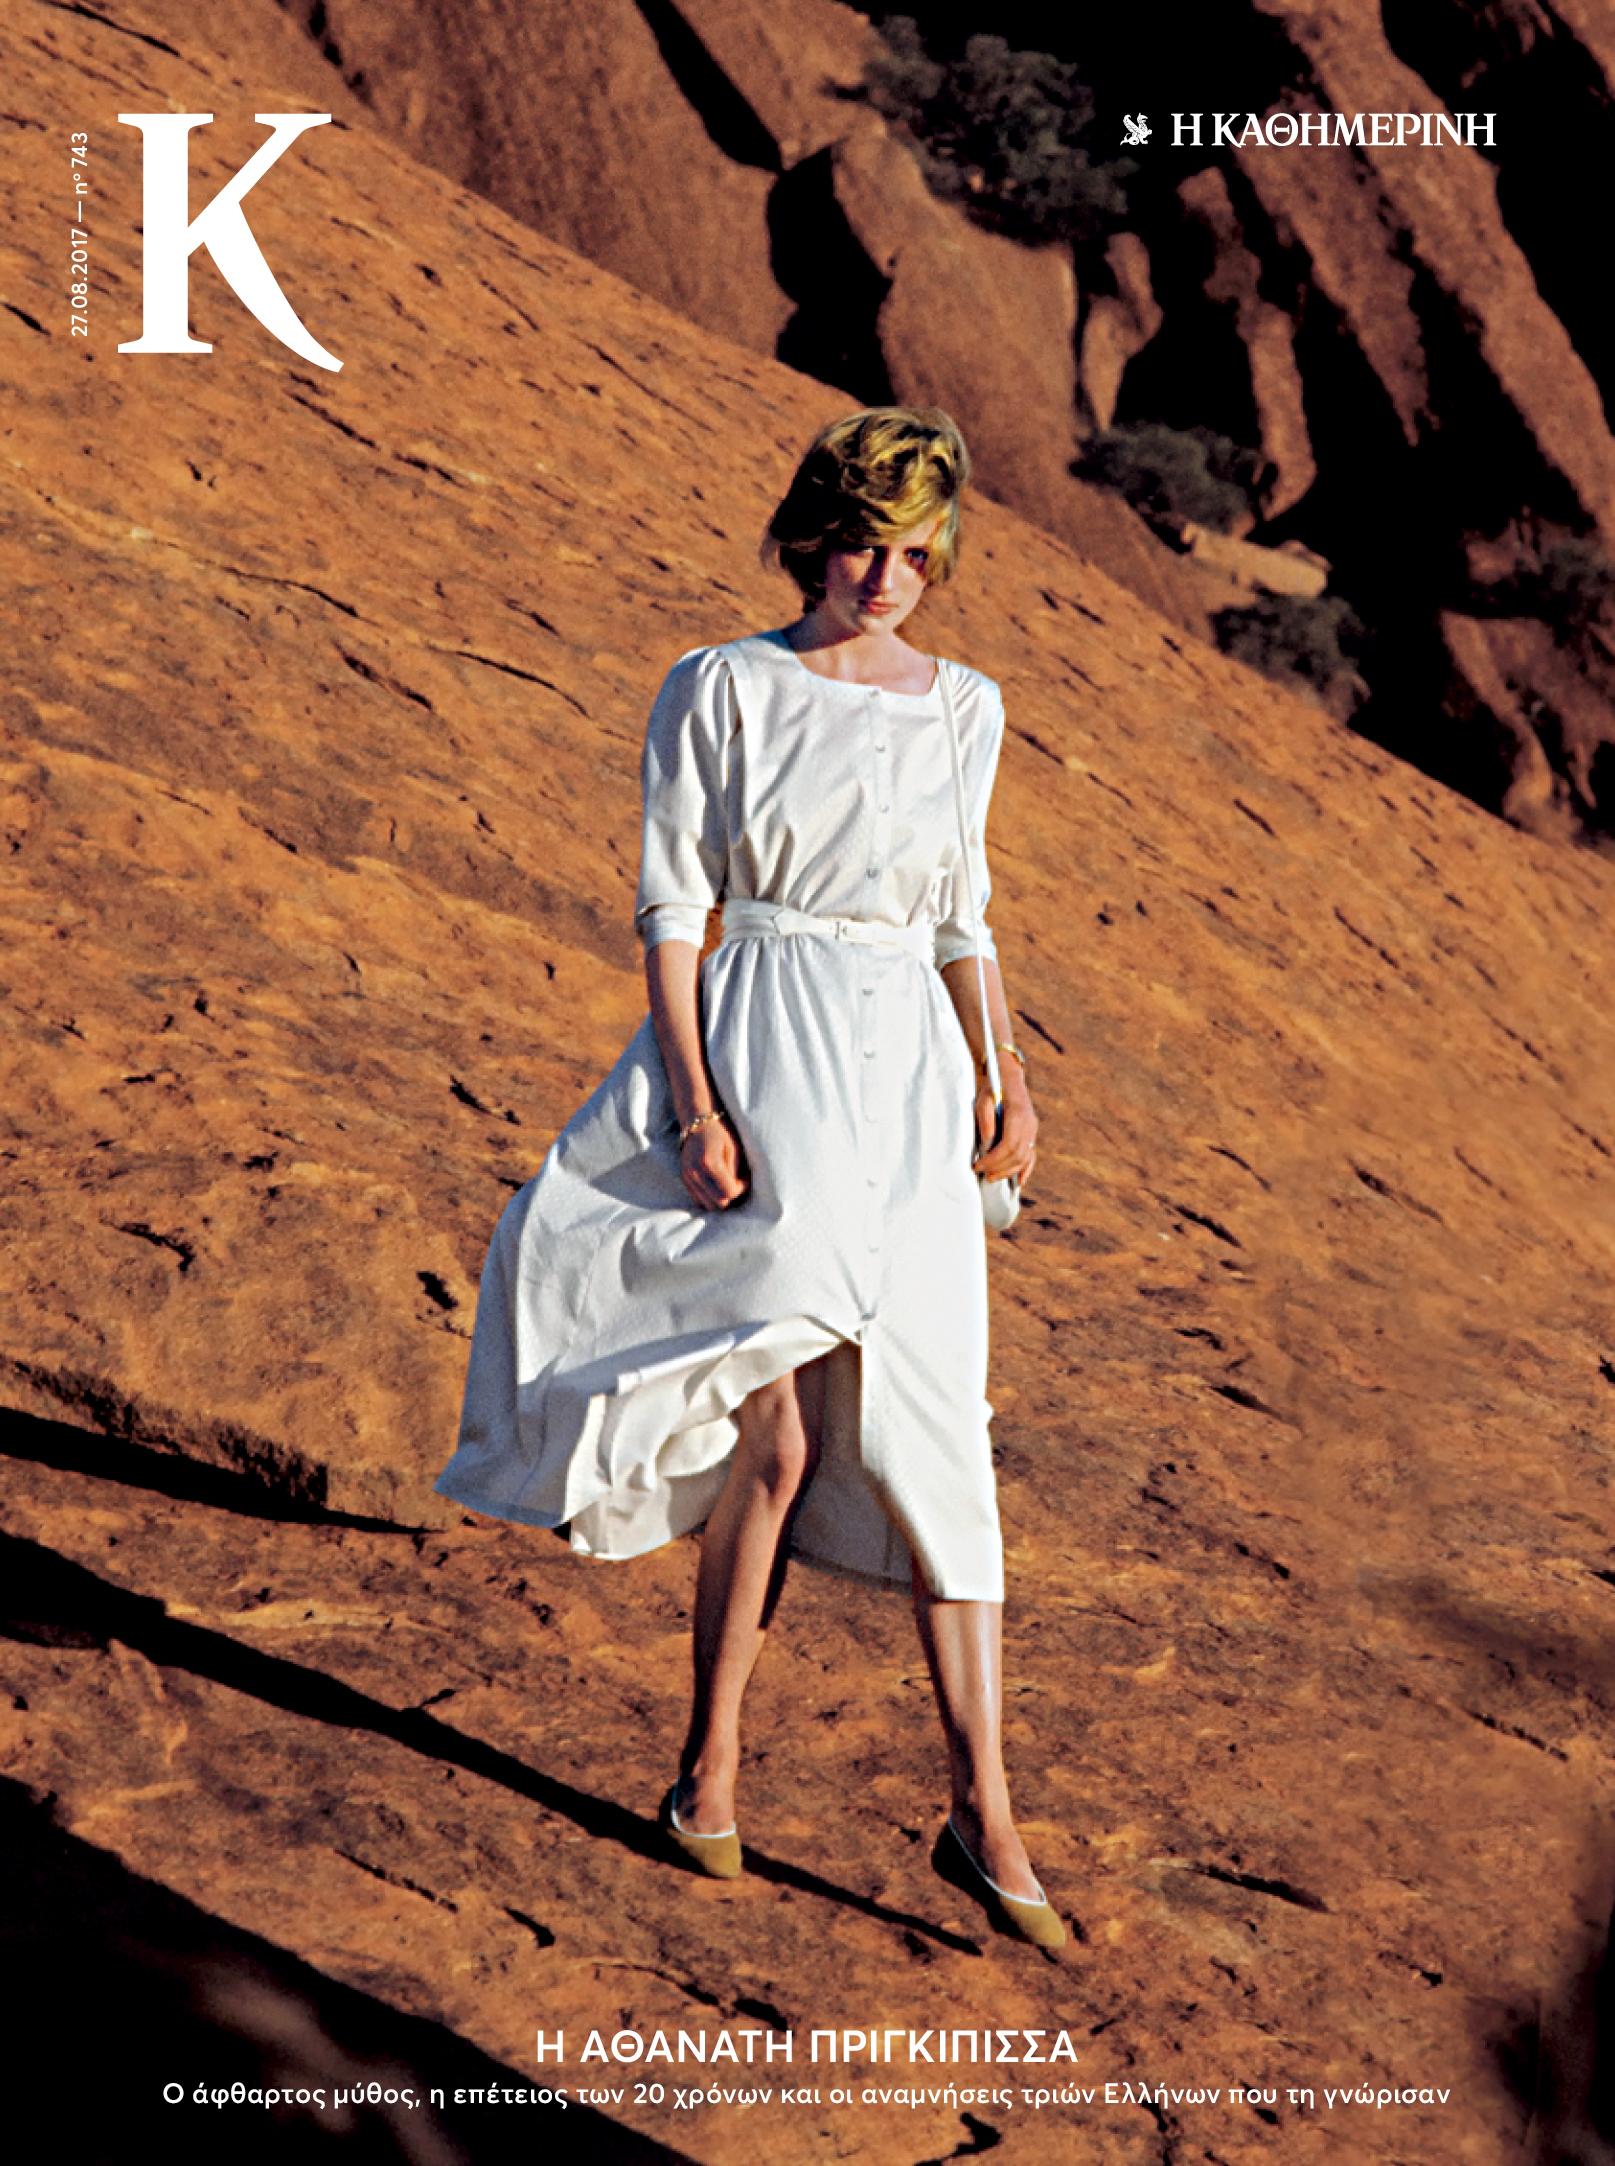 kapa_743_cover